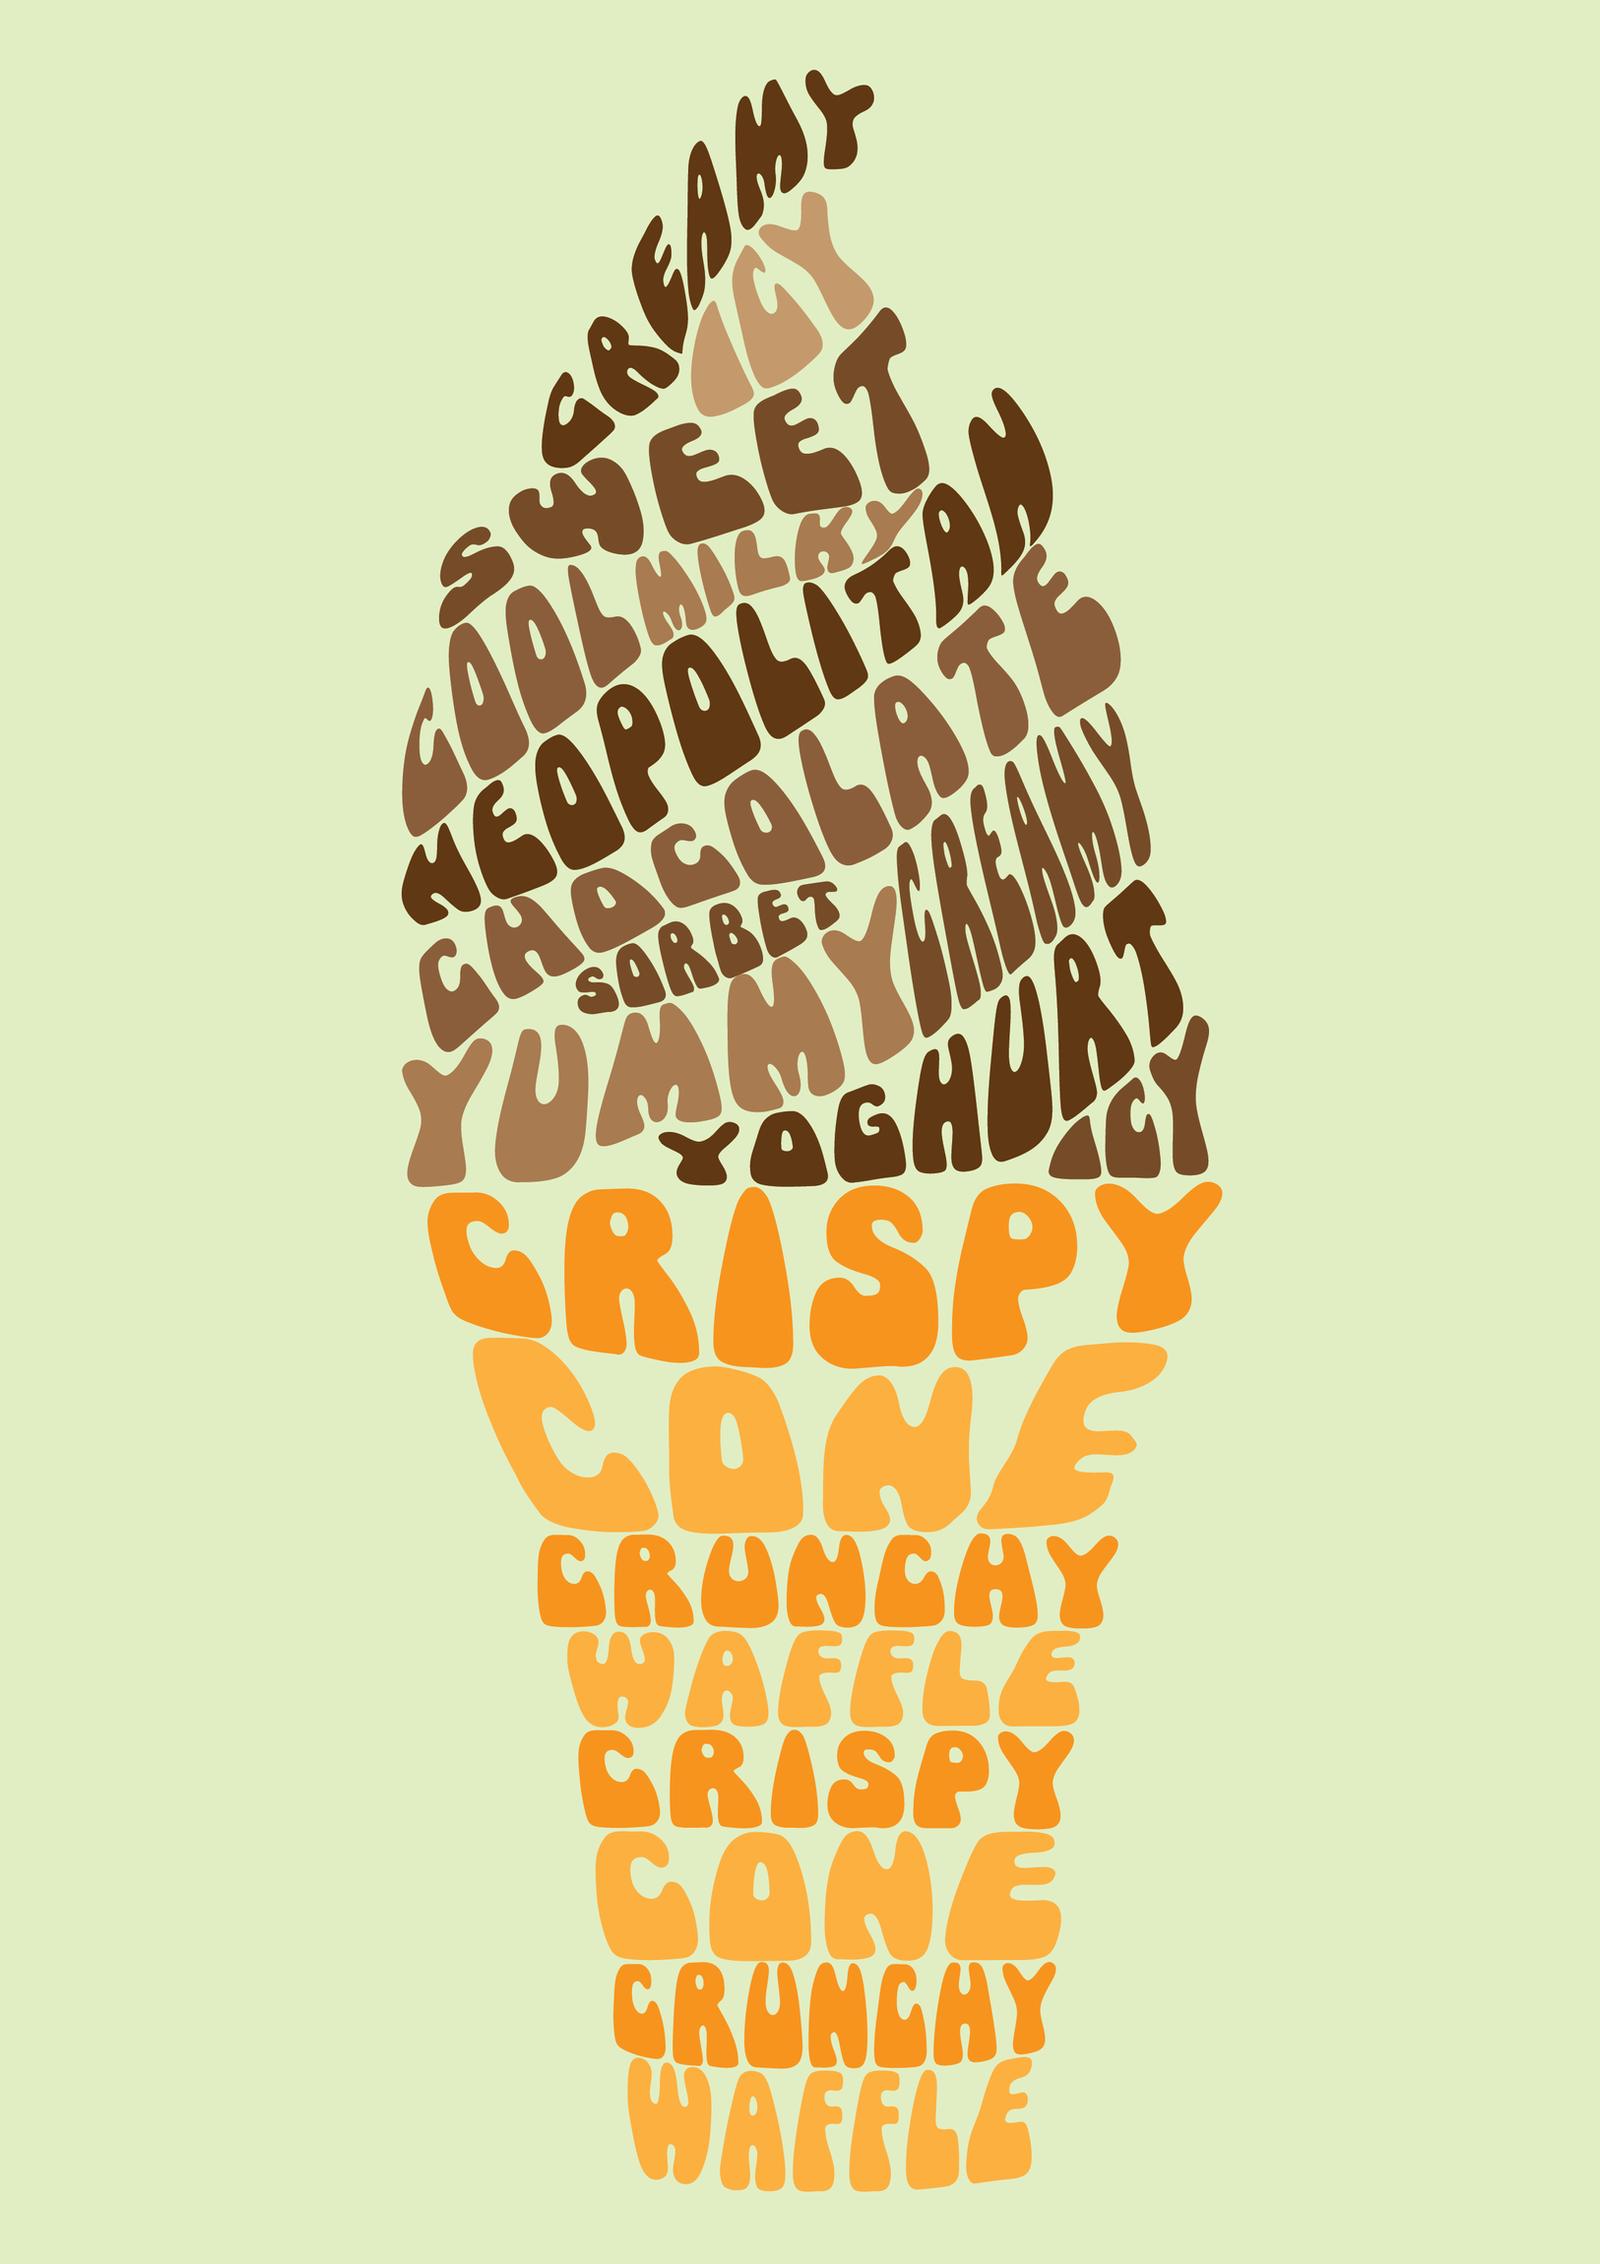 Typography Design - Ice-cream